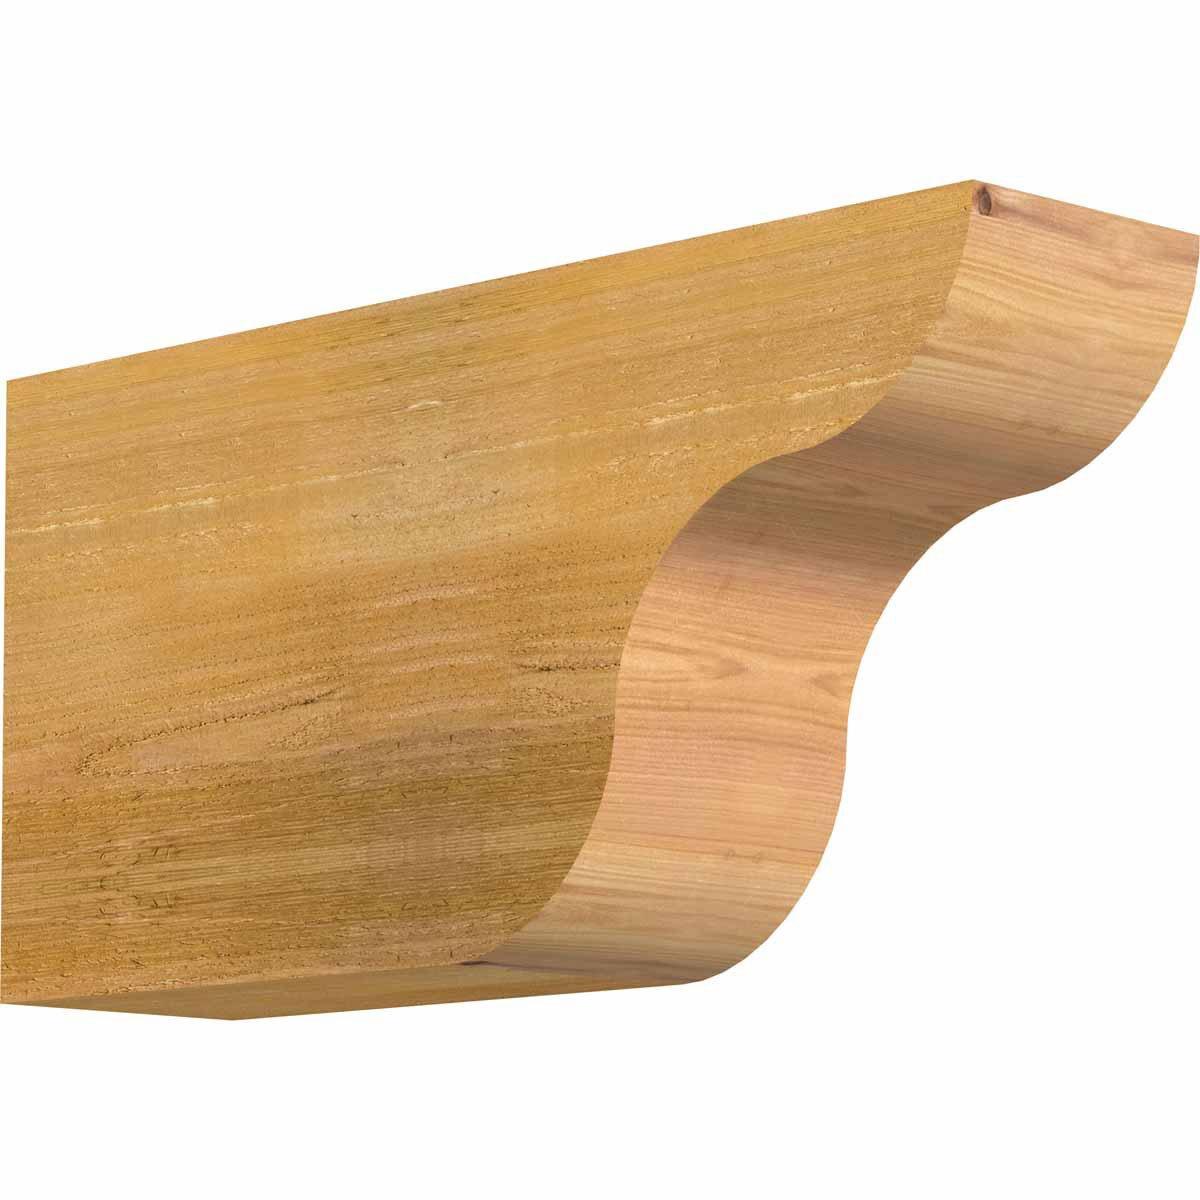 Ekena Millwork RFT06X12X24CAR00RWR Carmel Rough Sawn Rafter Tail, 6'' Width by 12'' Height by 24'' Length, Western Red Cedar